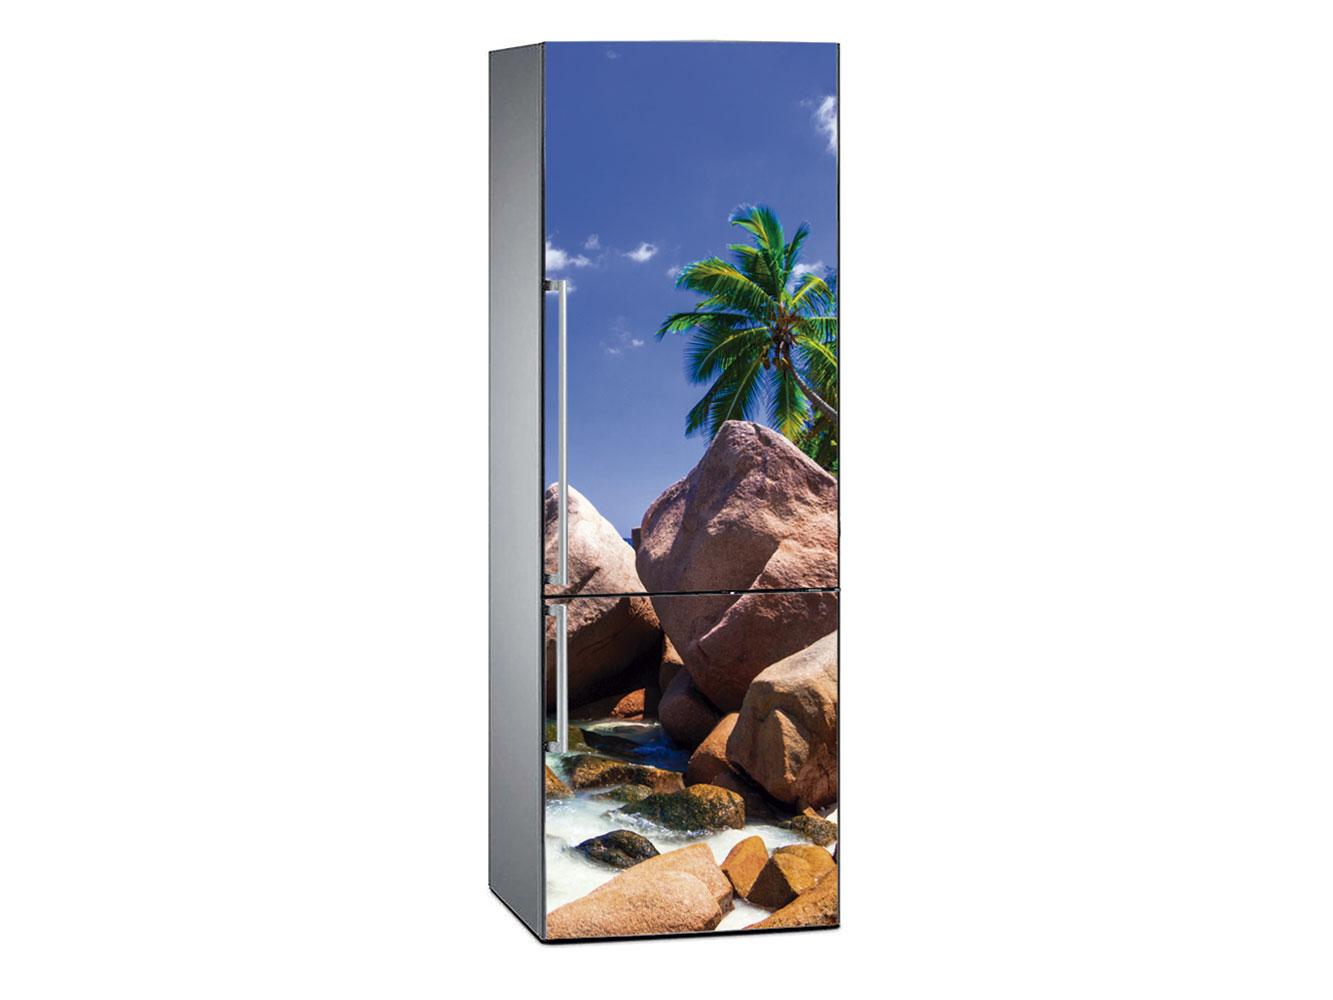 Vinilo Frigorífico Playa Tropical Cristalina 2 | Carteles XXL - Impresión carteleria publicitaria